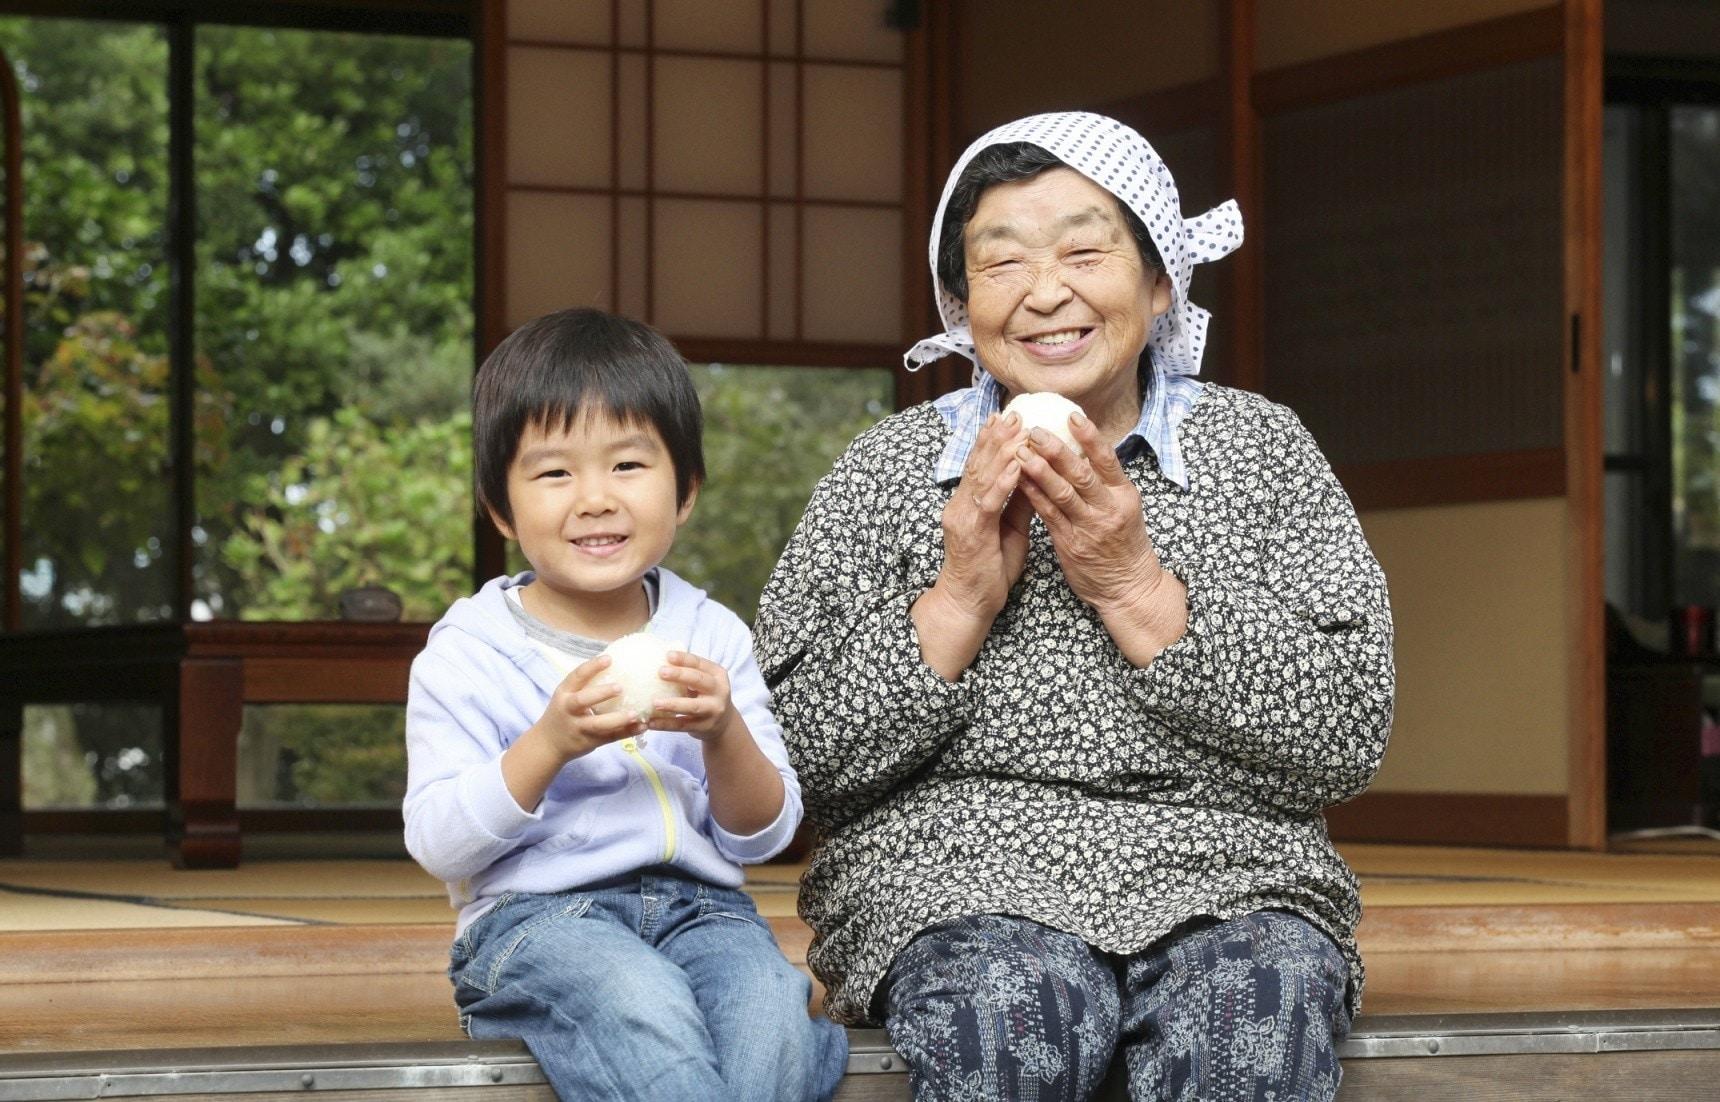 【日本美食】能獲得滿滿正面能量的11款日本強運美食